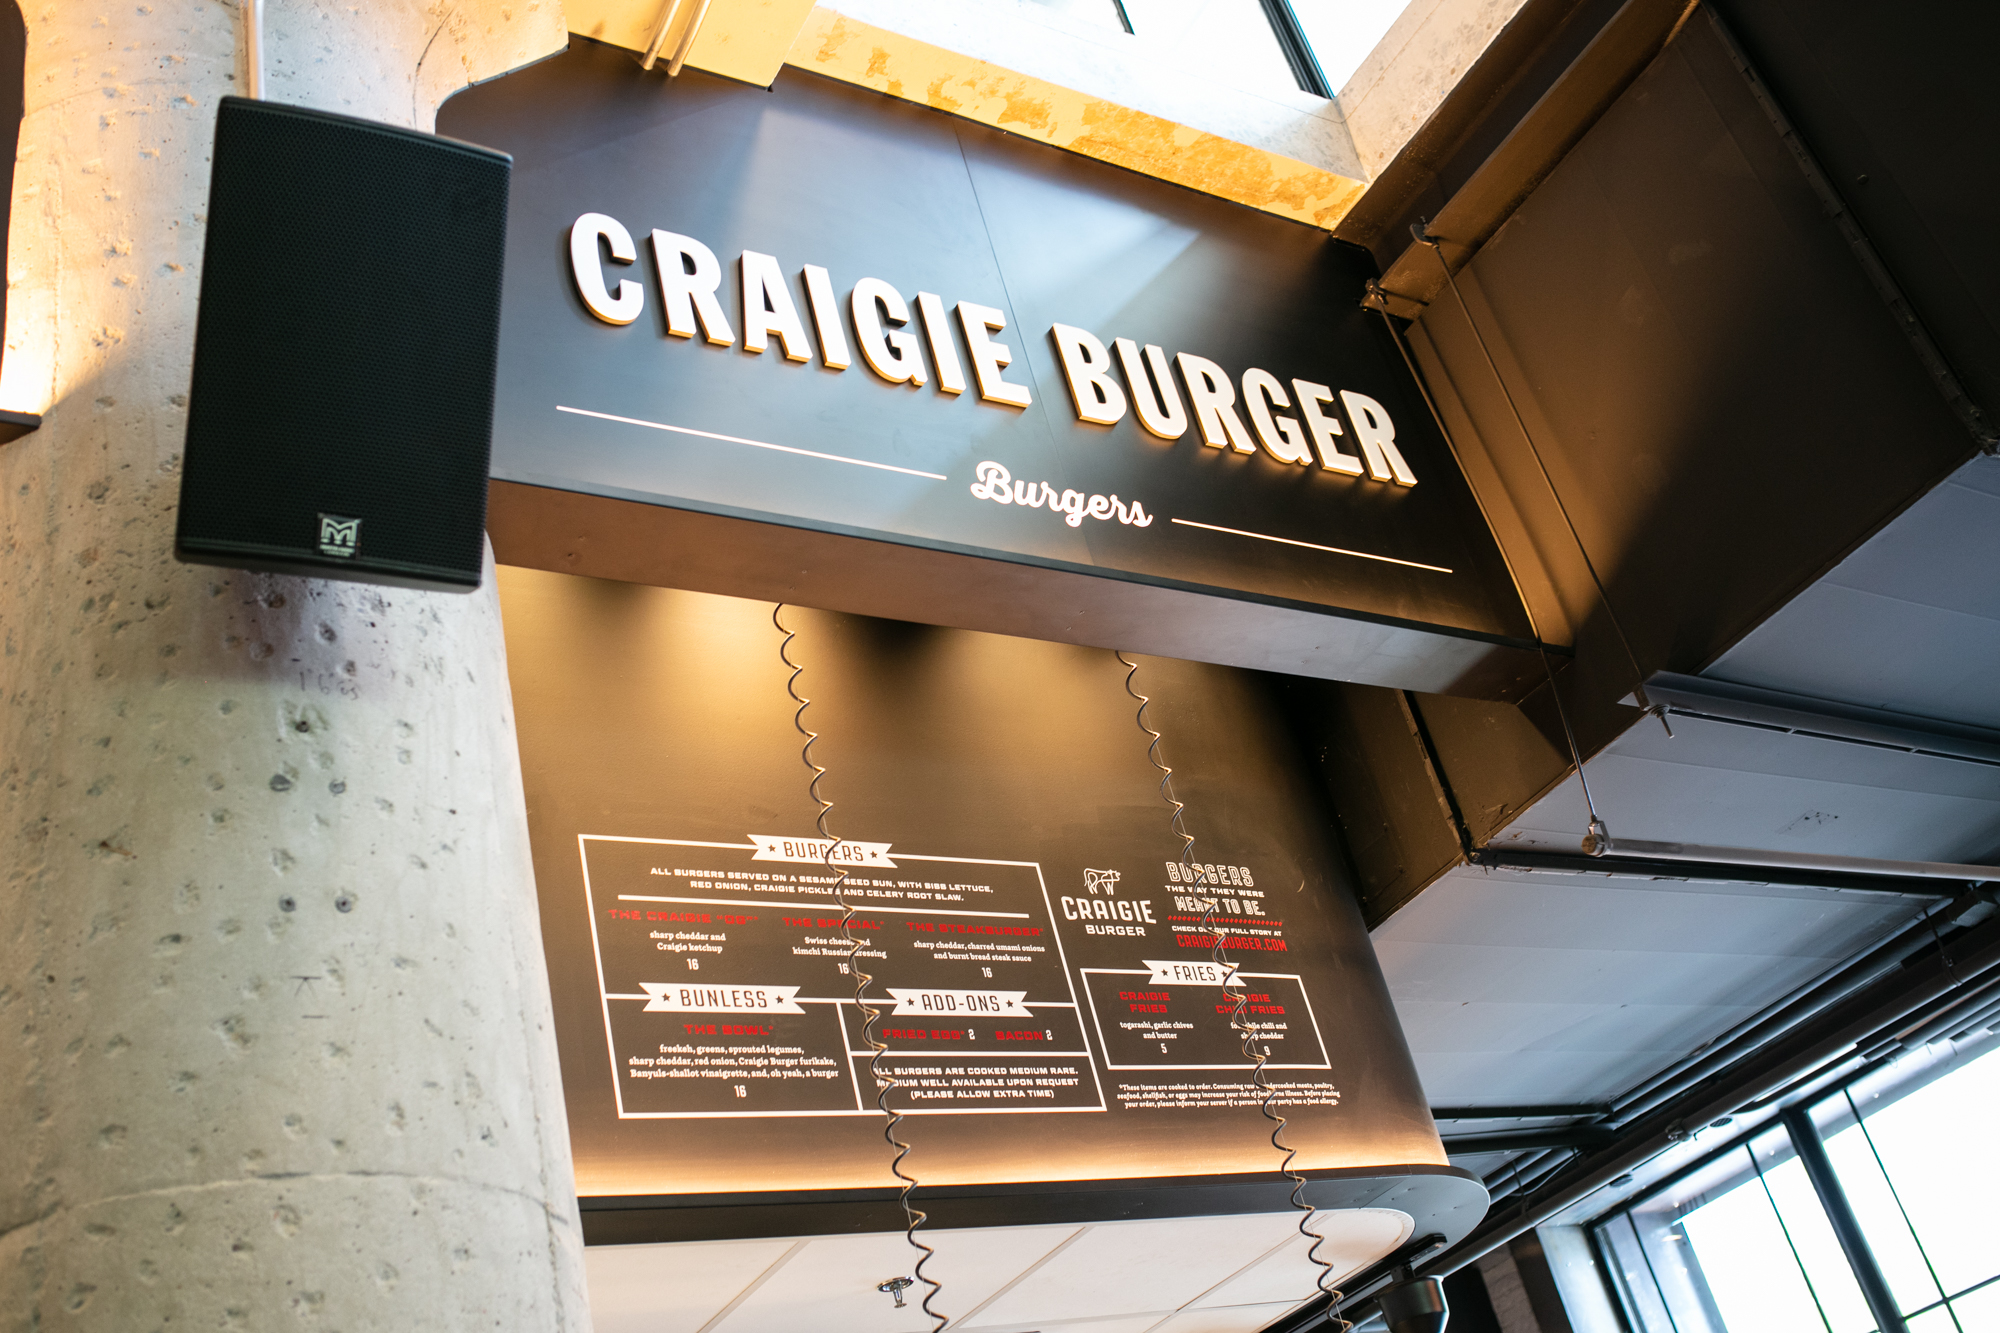 Craigie Burger Menu Board Installed